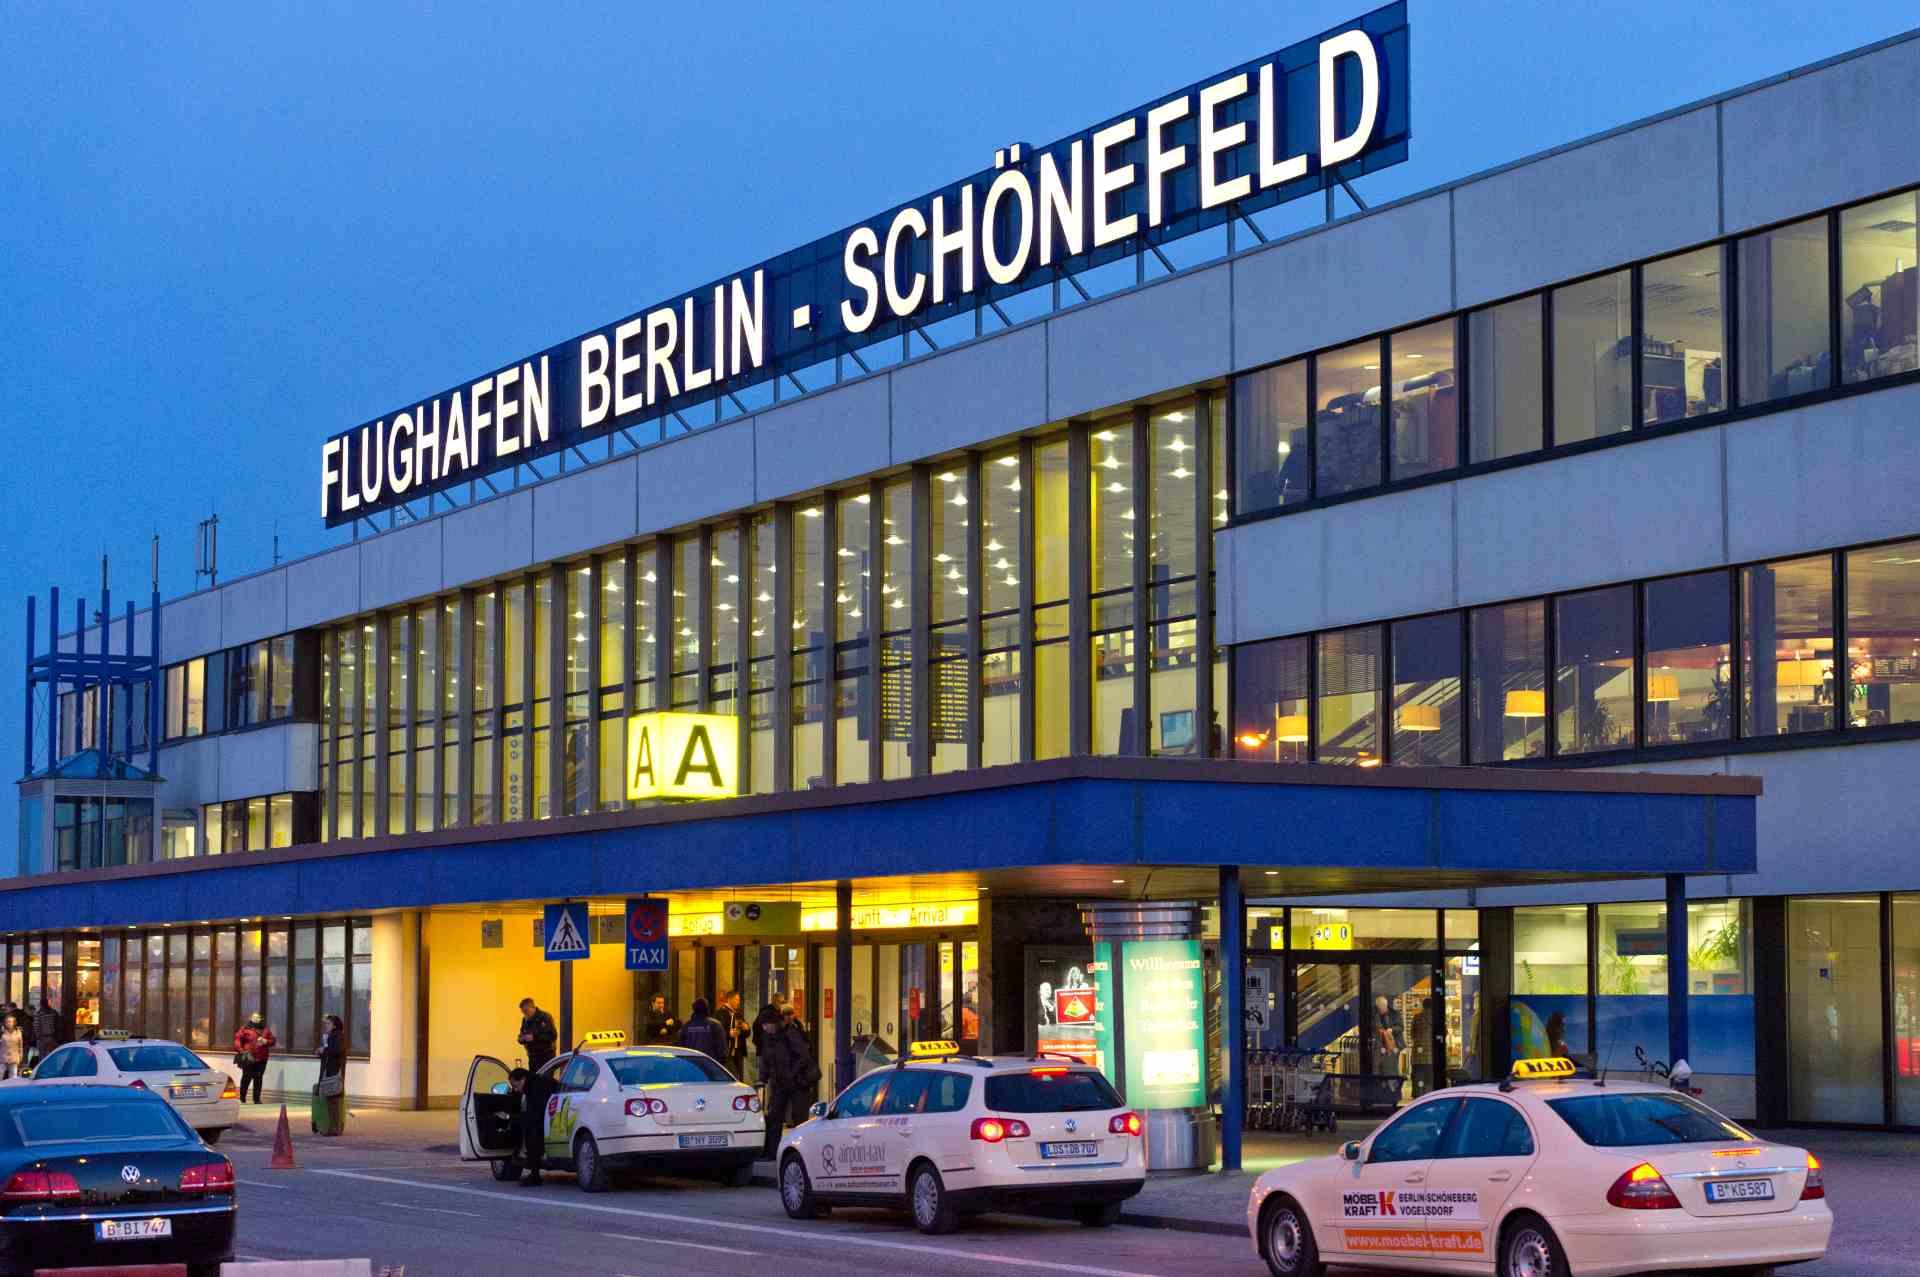 Flughafen Berlin-Schönefeld Vorfahrt Terminal A